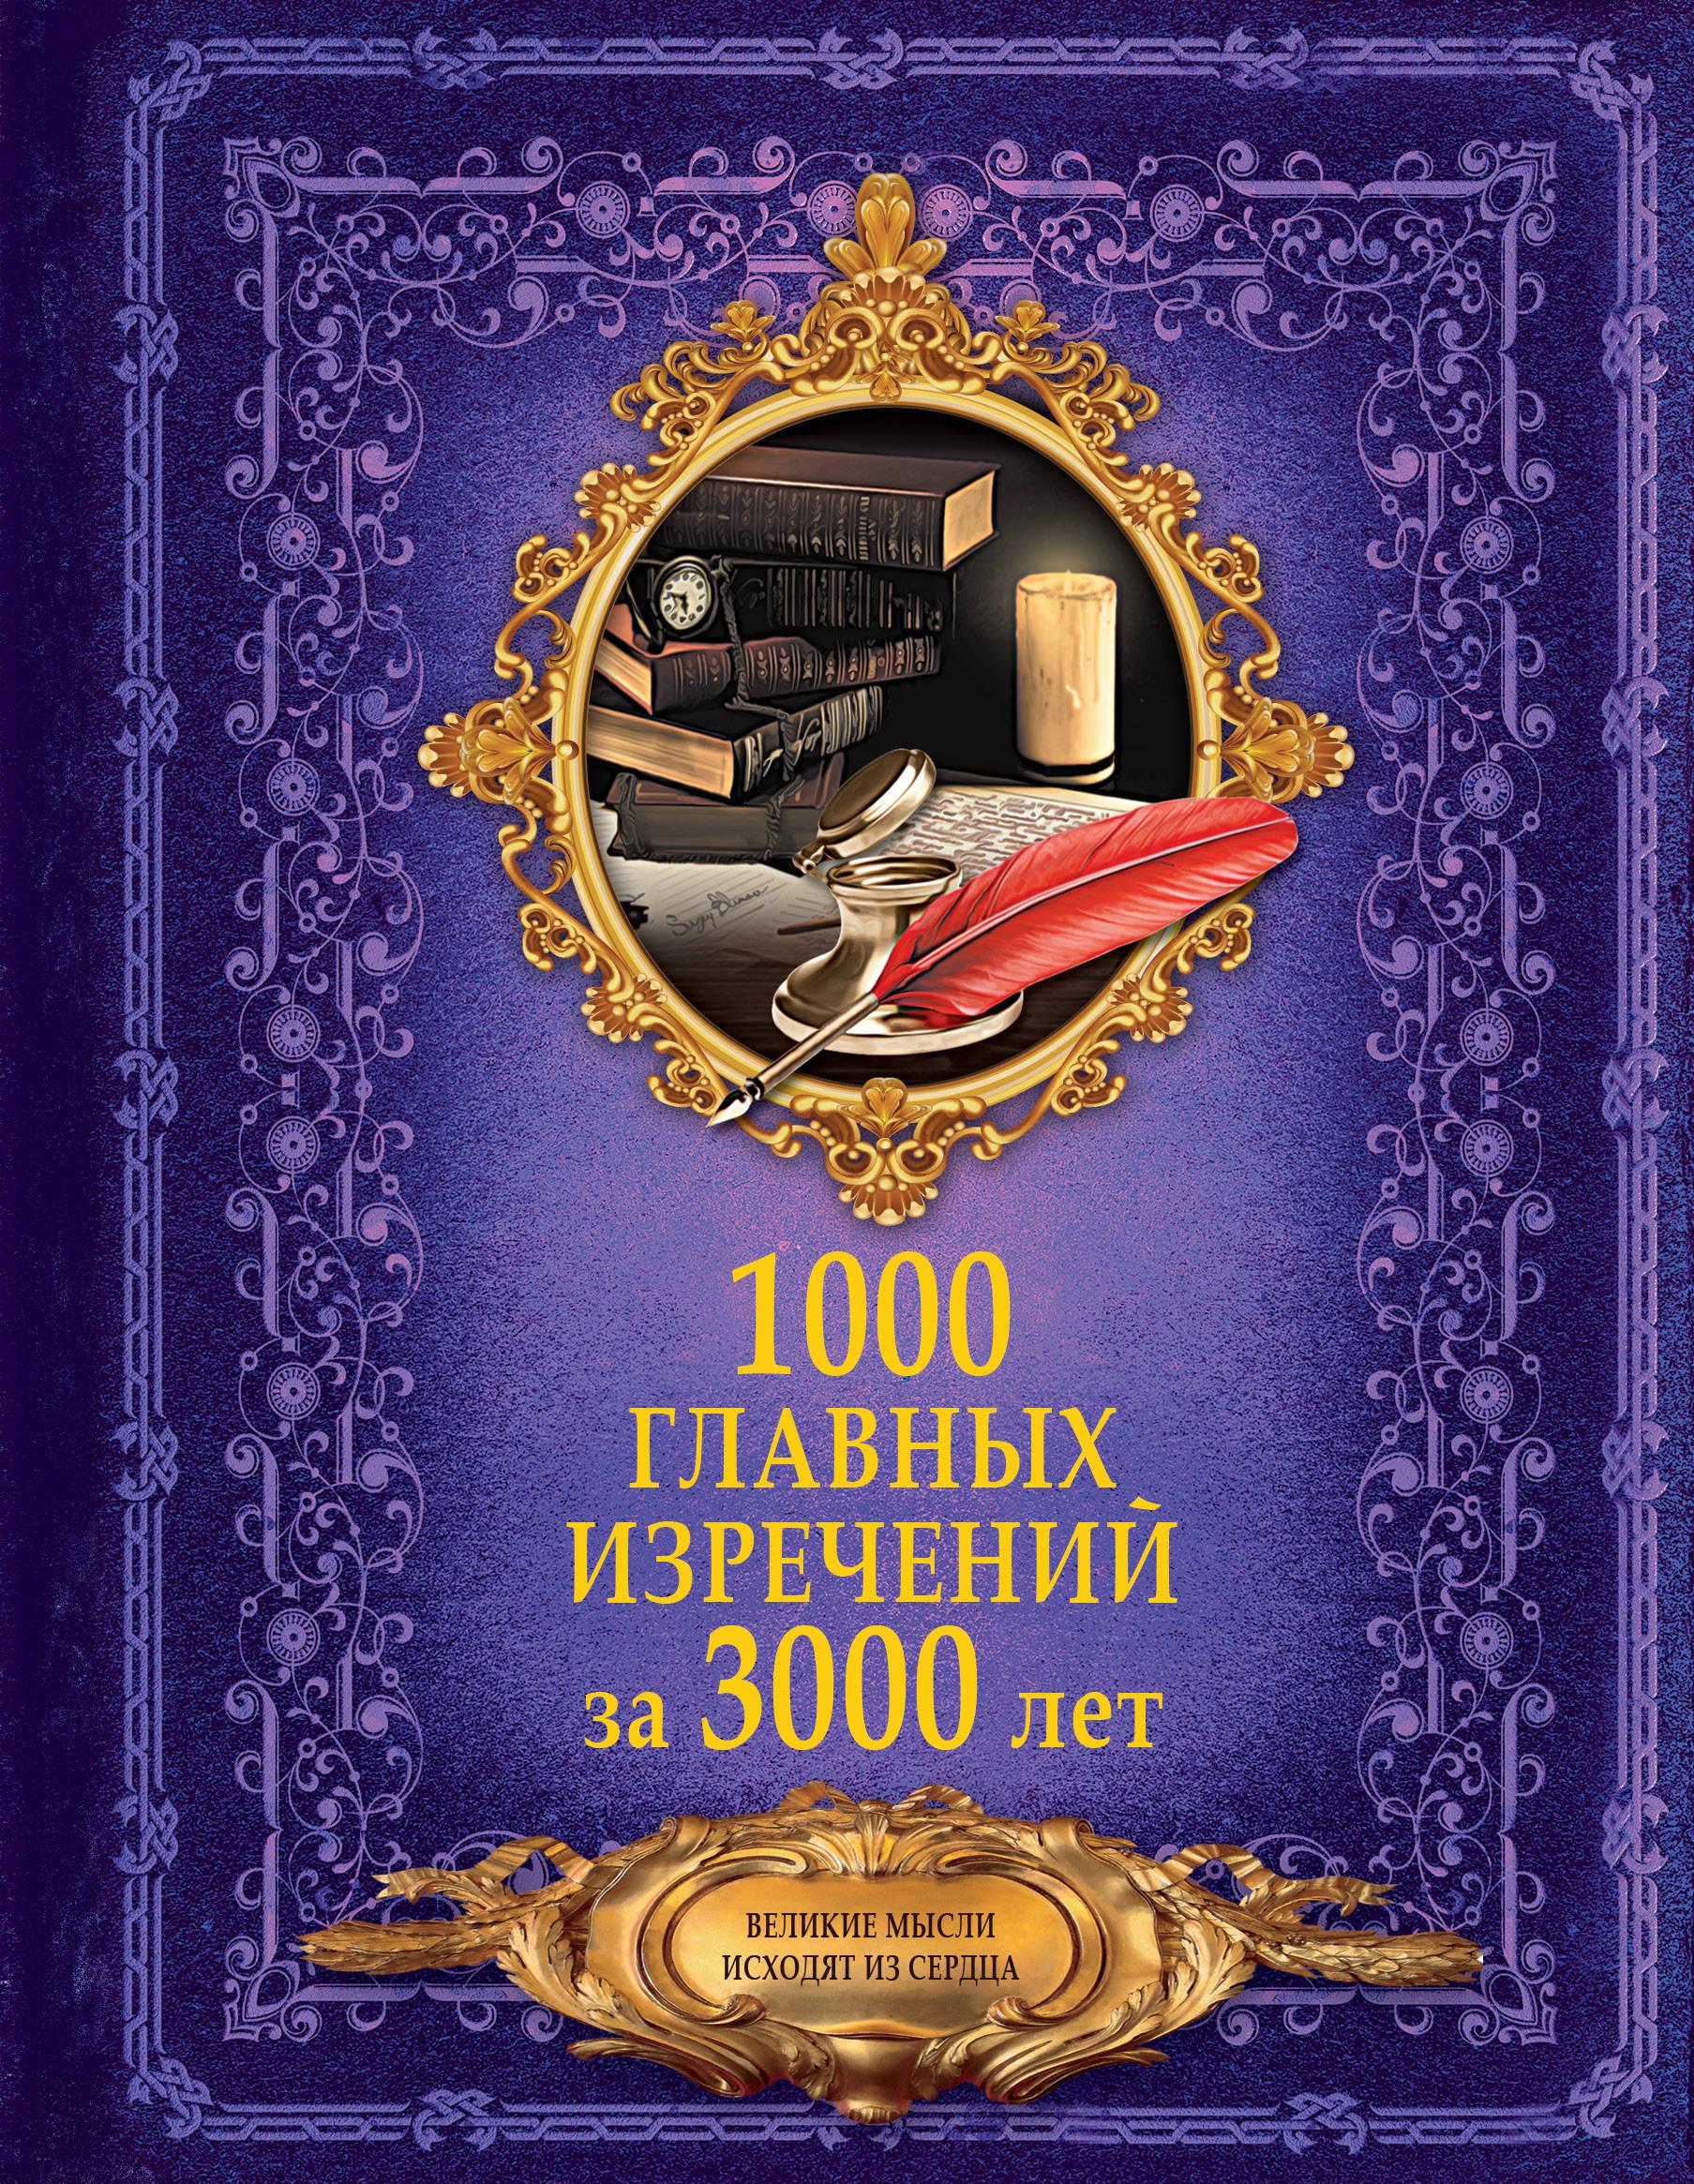 1000 главных изречений за 3000 лет